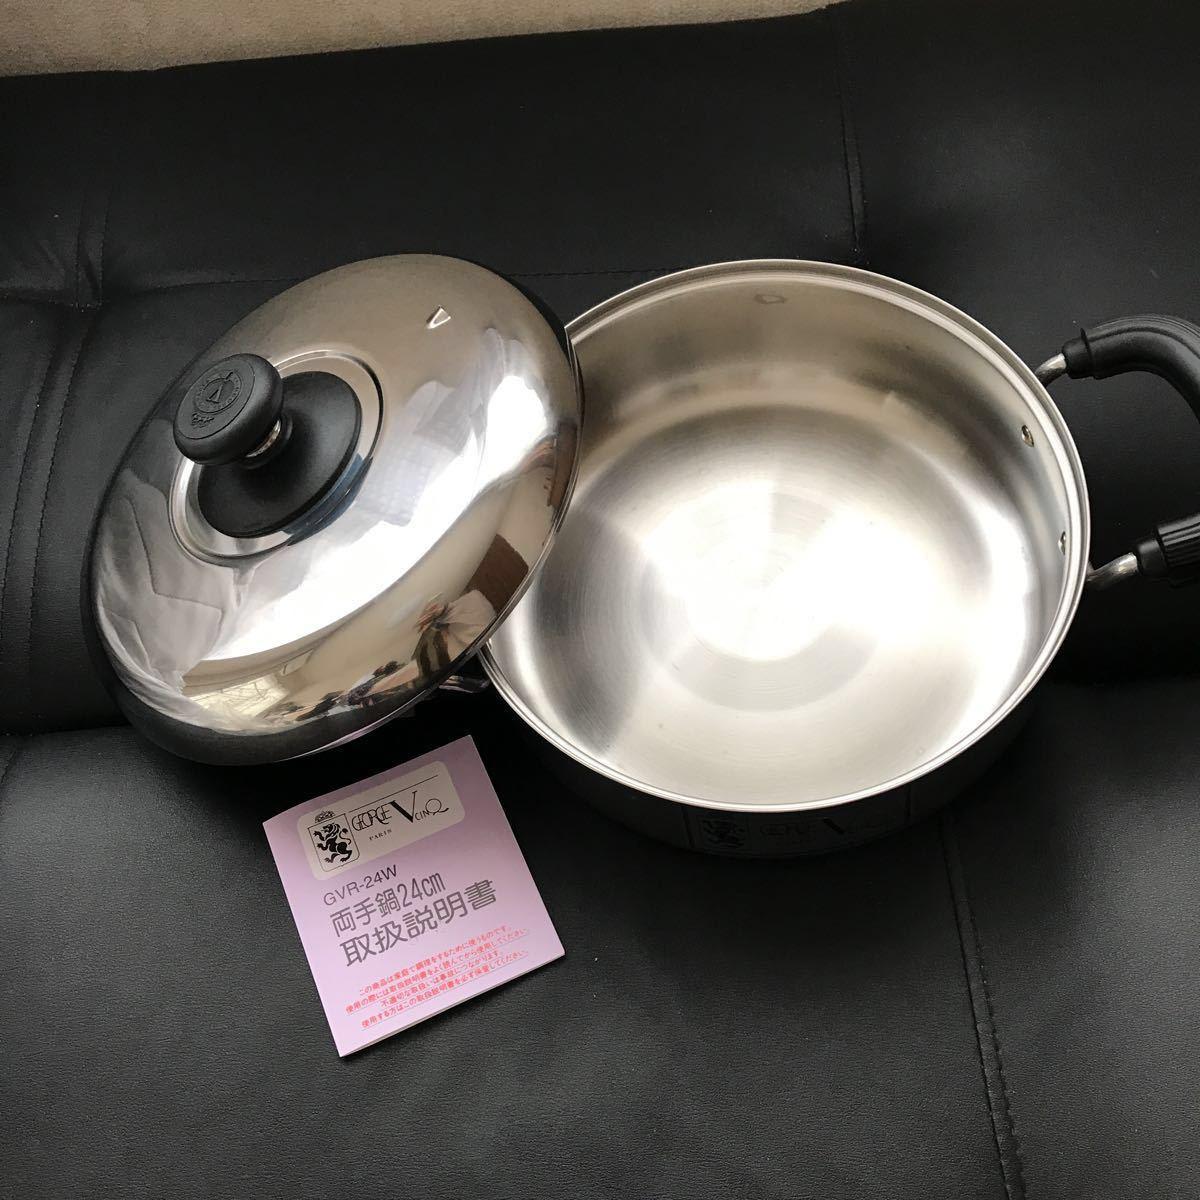 新品 未使用 両手鍋 ステンレス ジョルジュサンク 24cm_画像2